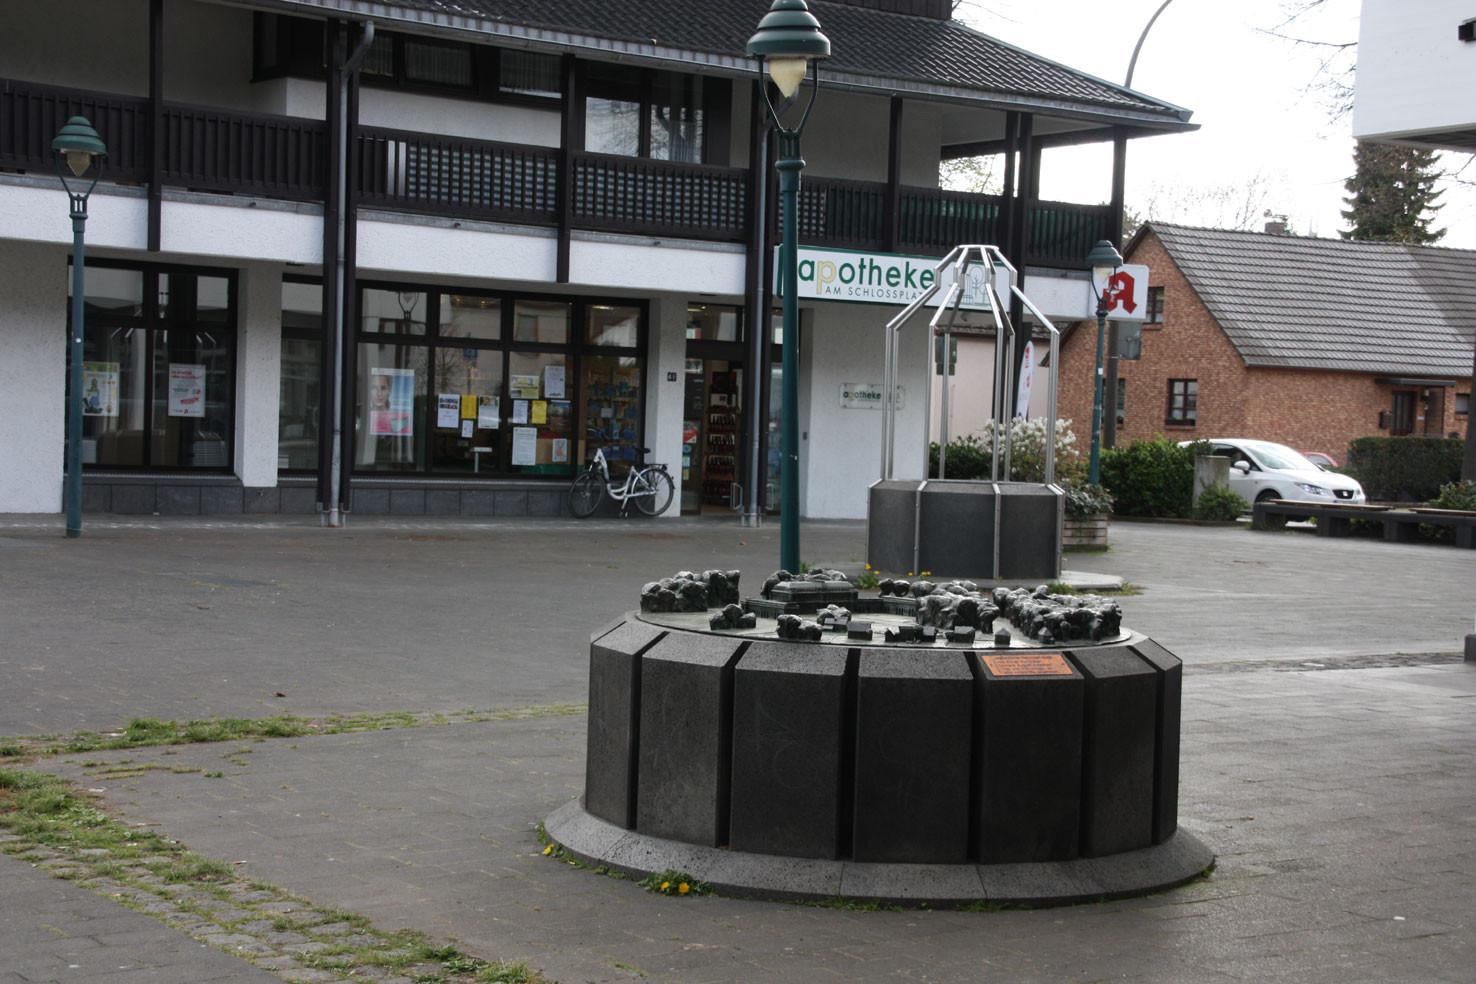 Mitten in Röttgen am Schlossplatz